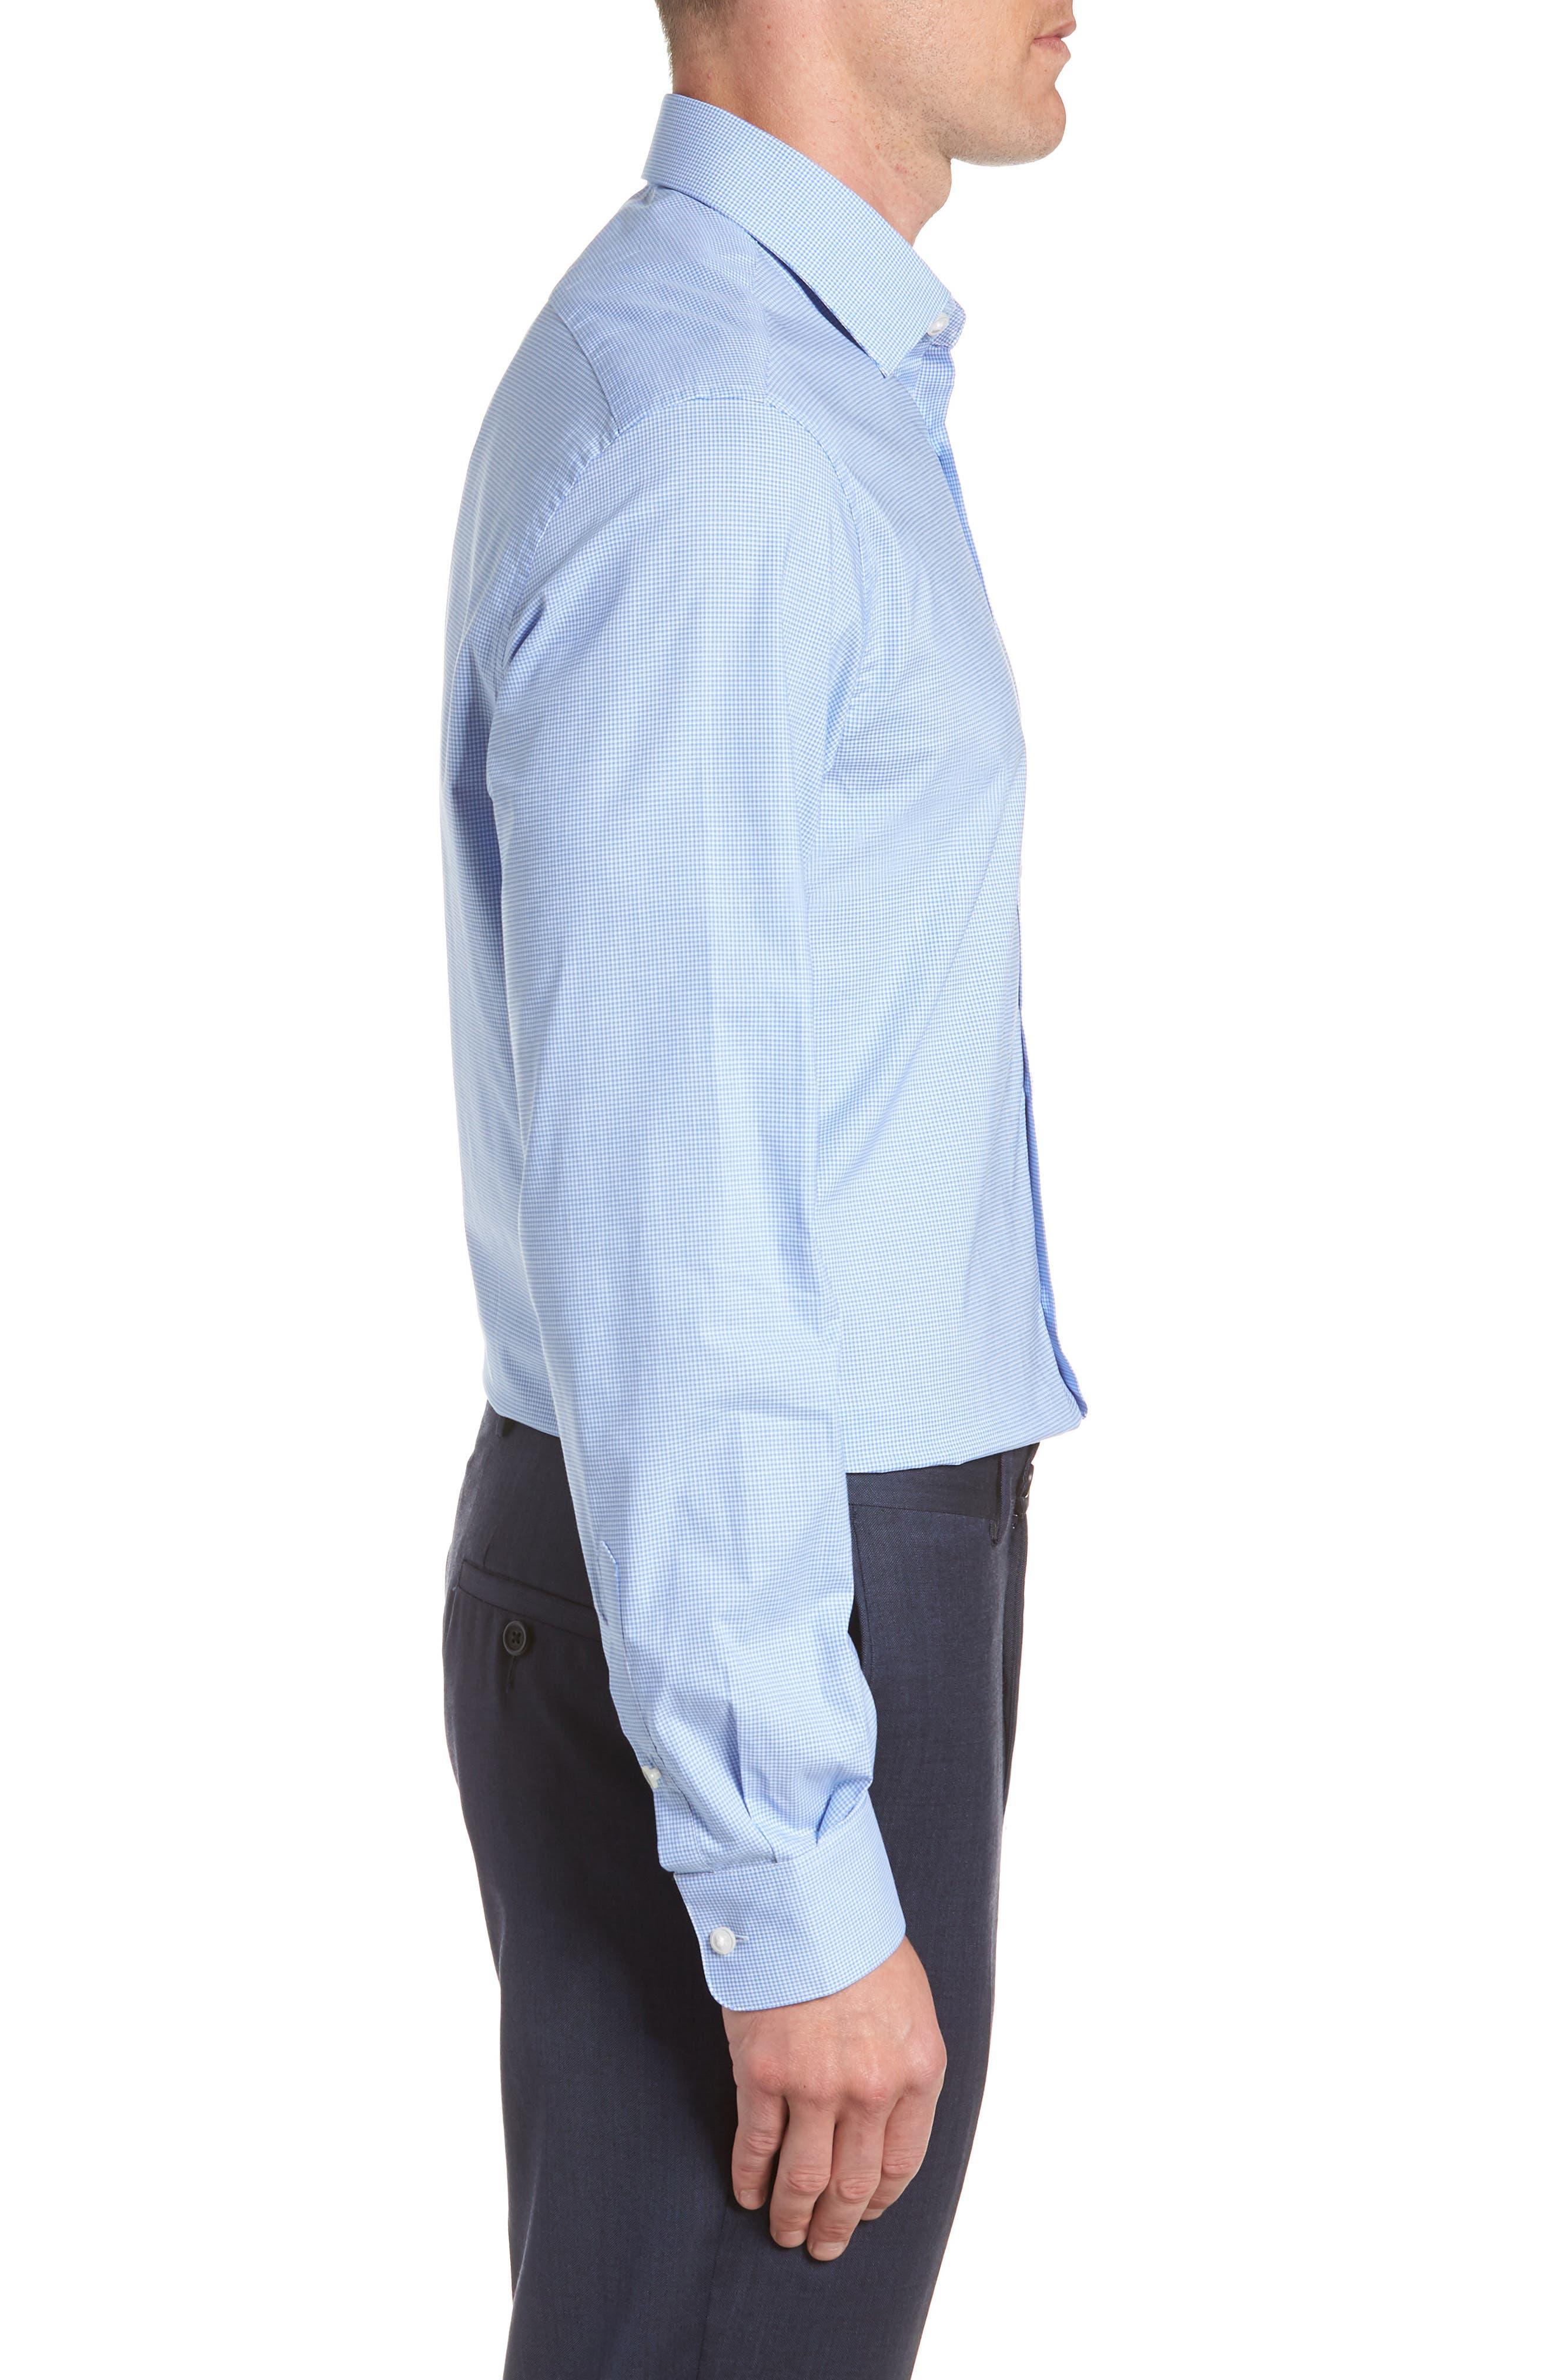 Microcheck Regular Fit Dress Shirt,                             Alternate thumbnail 4, color,                             OCEAN BLUE